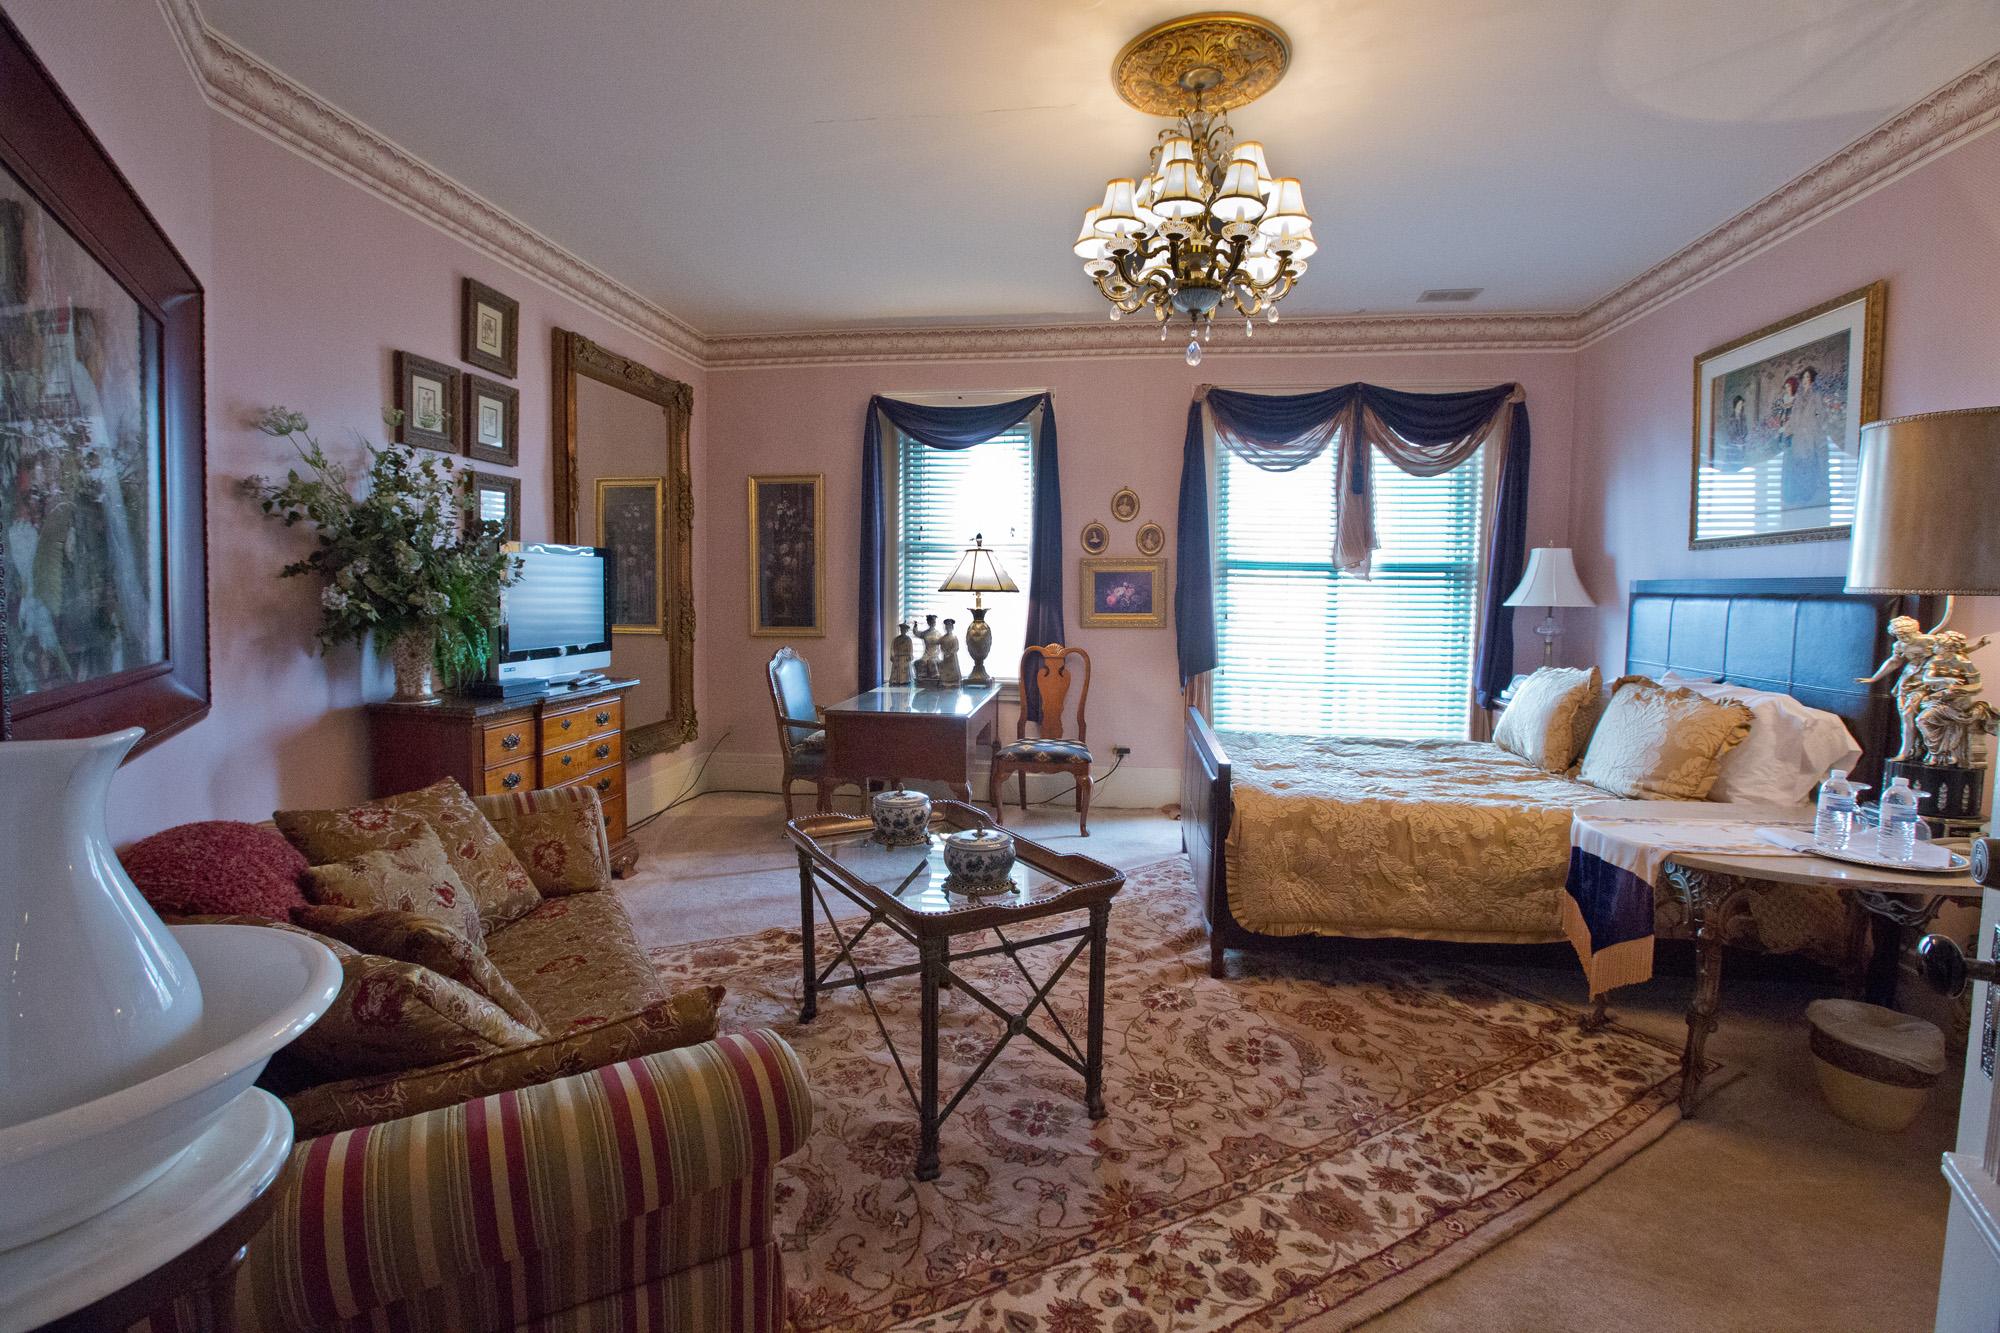 Room 3 - Single Queen Room - $150 per night